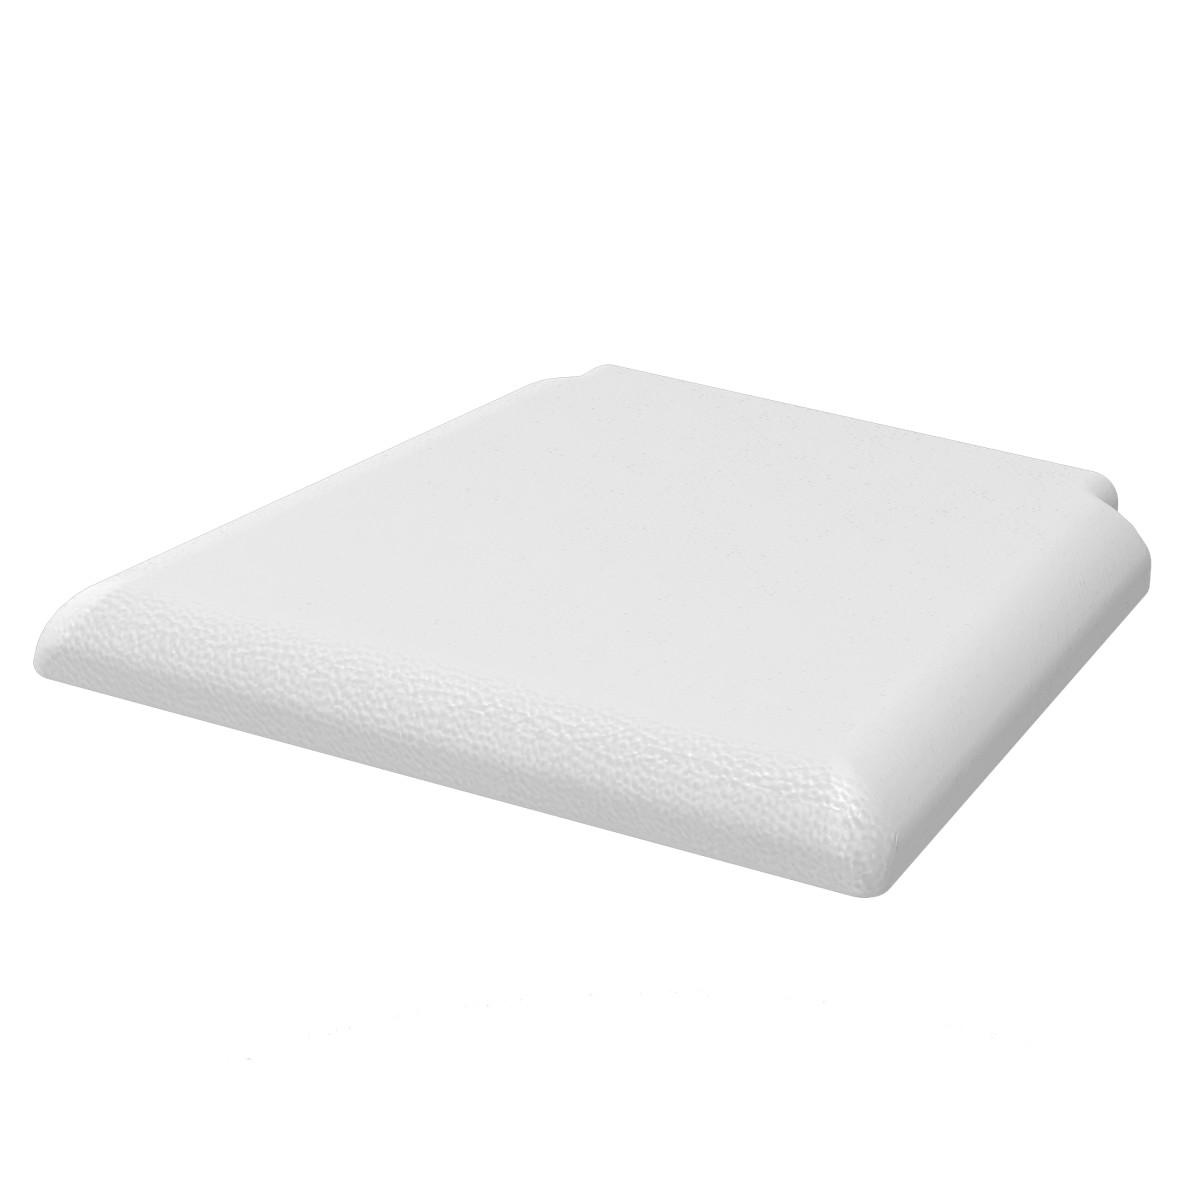 Сиденье стула Delinia Марсель 43.5х40.5 см цвет белый